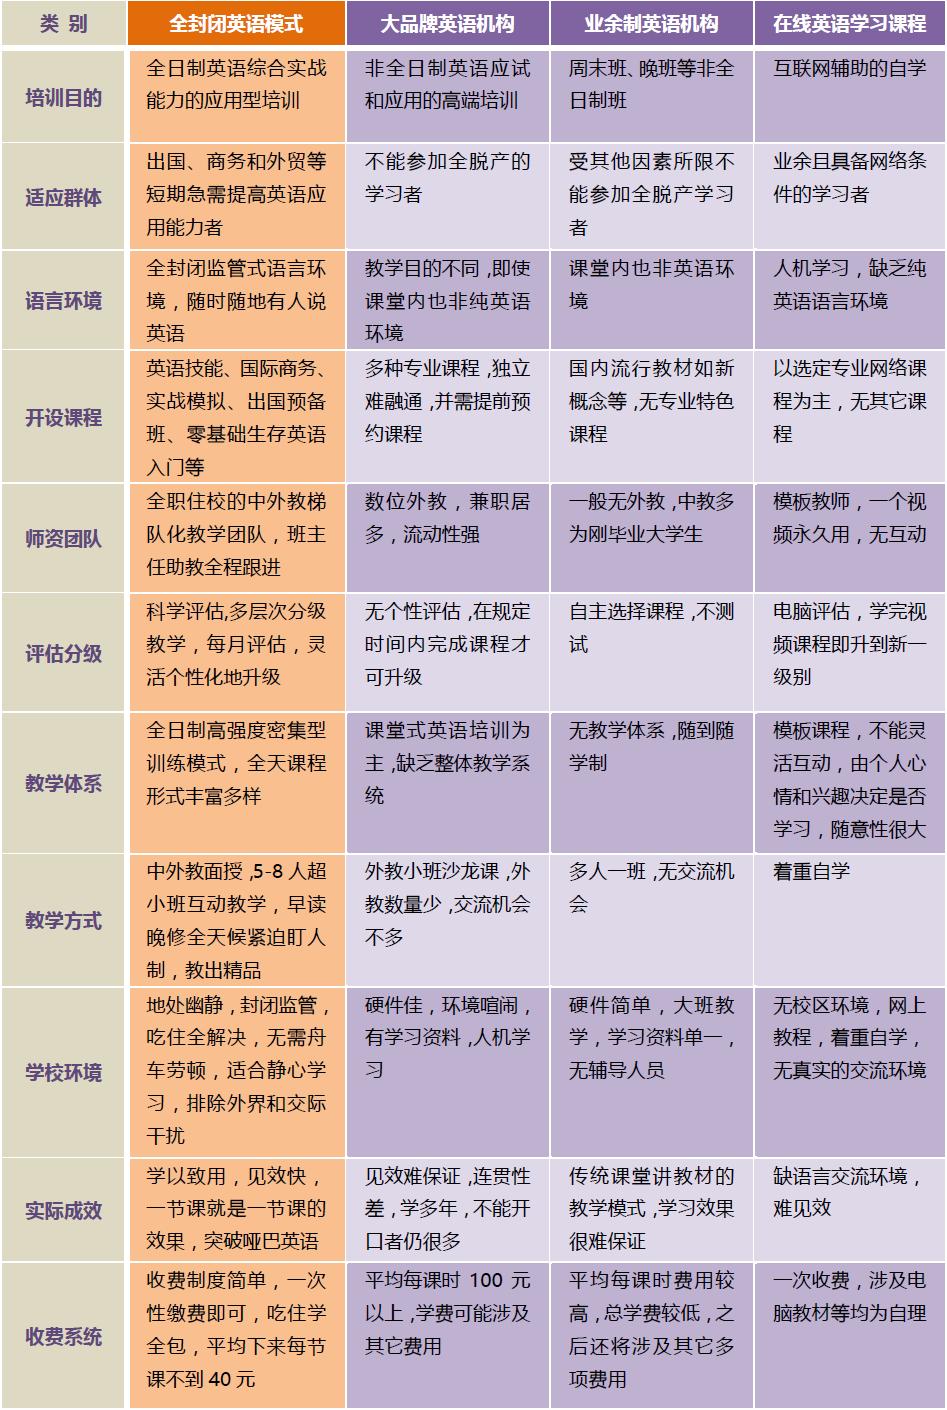 全封闭式英语培训与市面上普通英语培训机构的对比